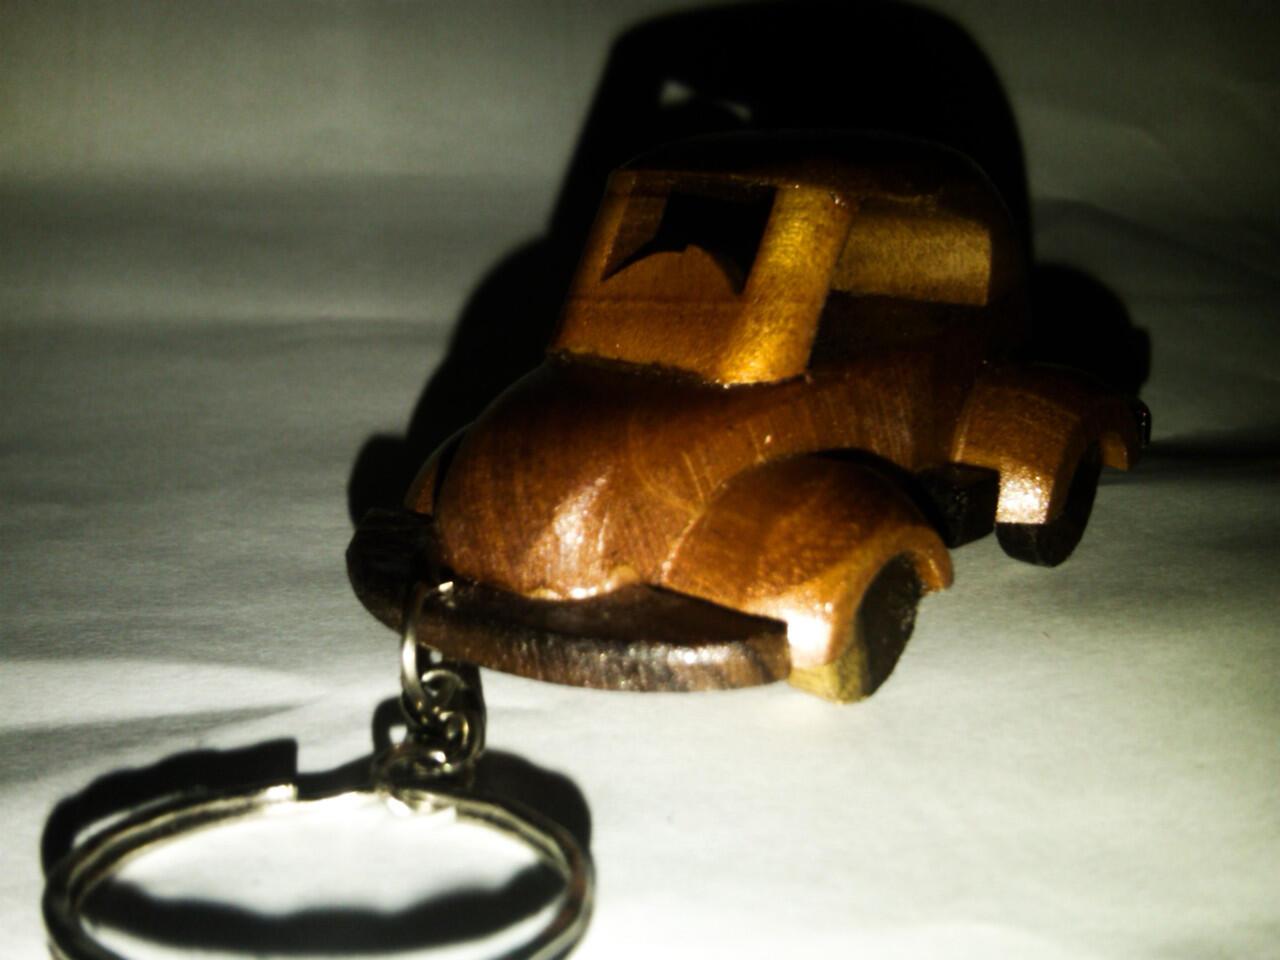 Gantungan Kunci Re-Seller Yogyakarta